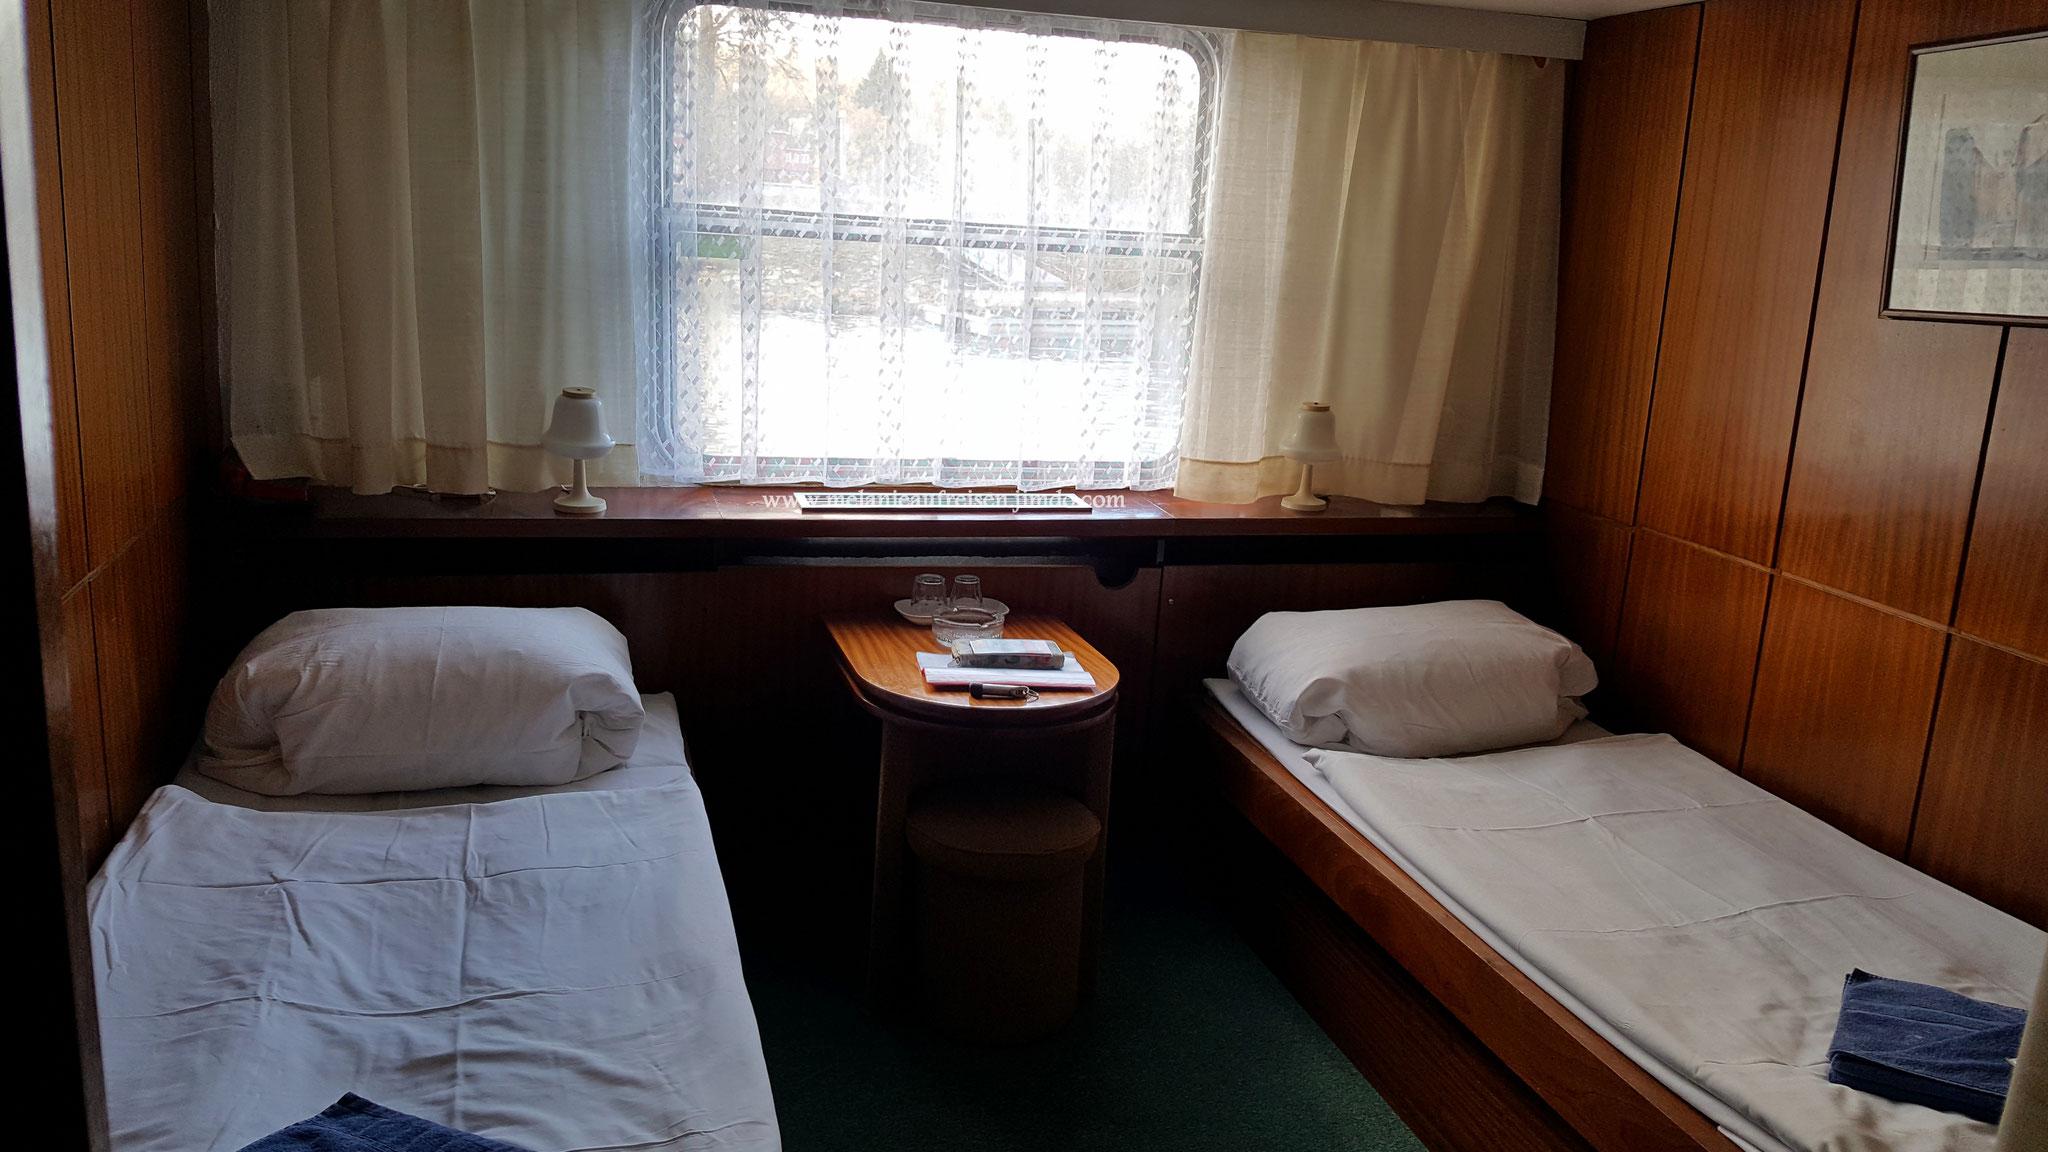 2er Kabine Botel Racek - natürlich gibt es die Kabinen auch mit Doppelbett